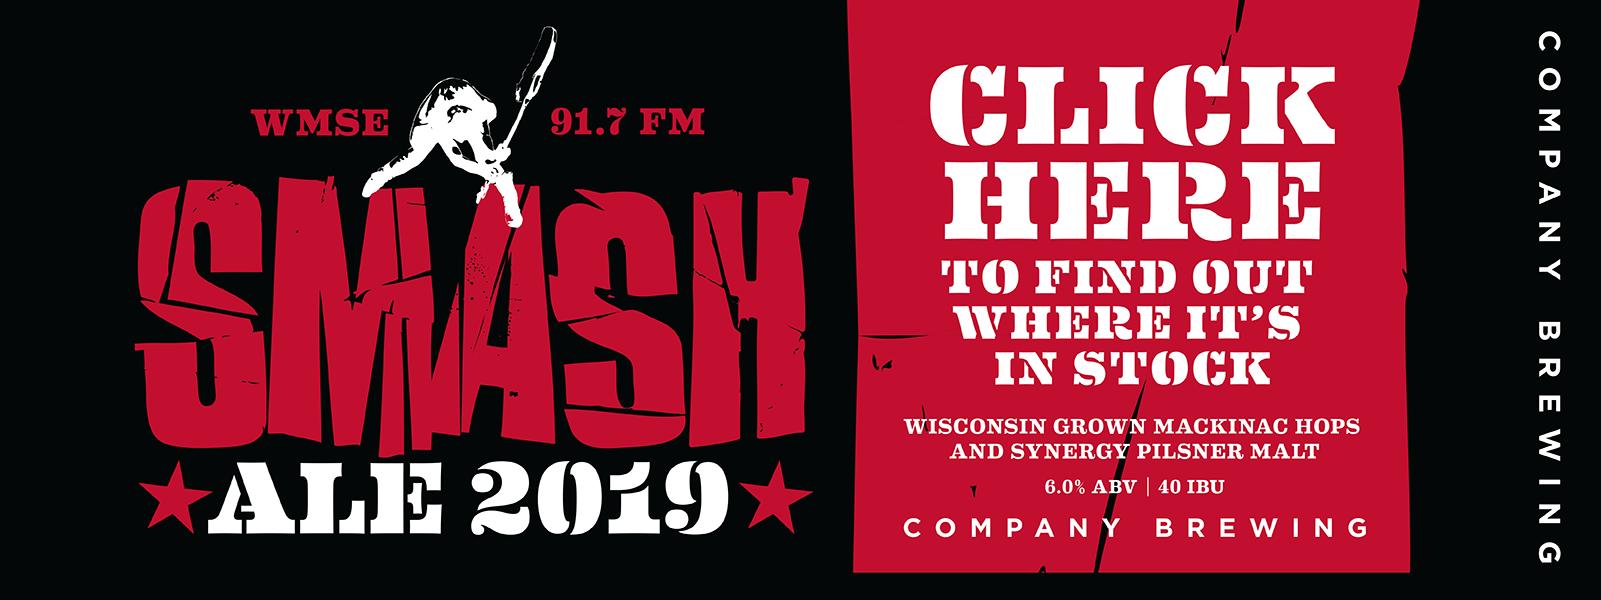 WMSE - 91 7FM